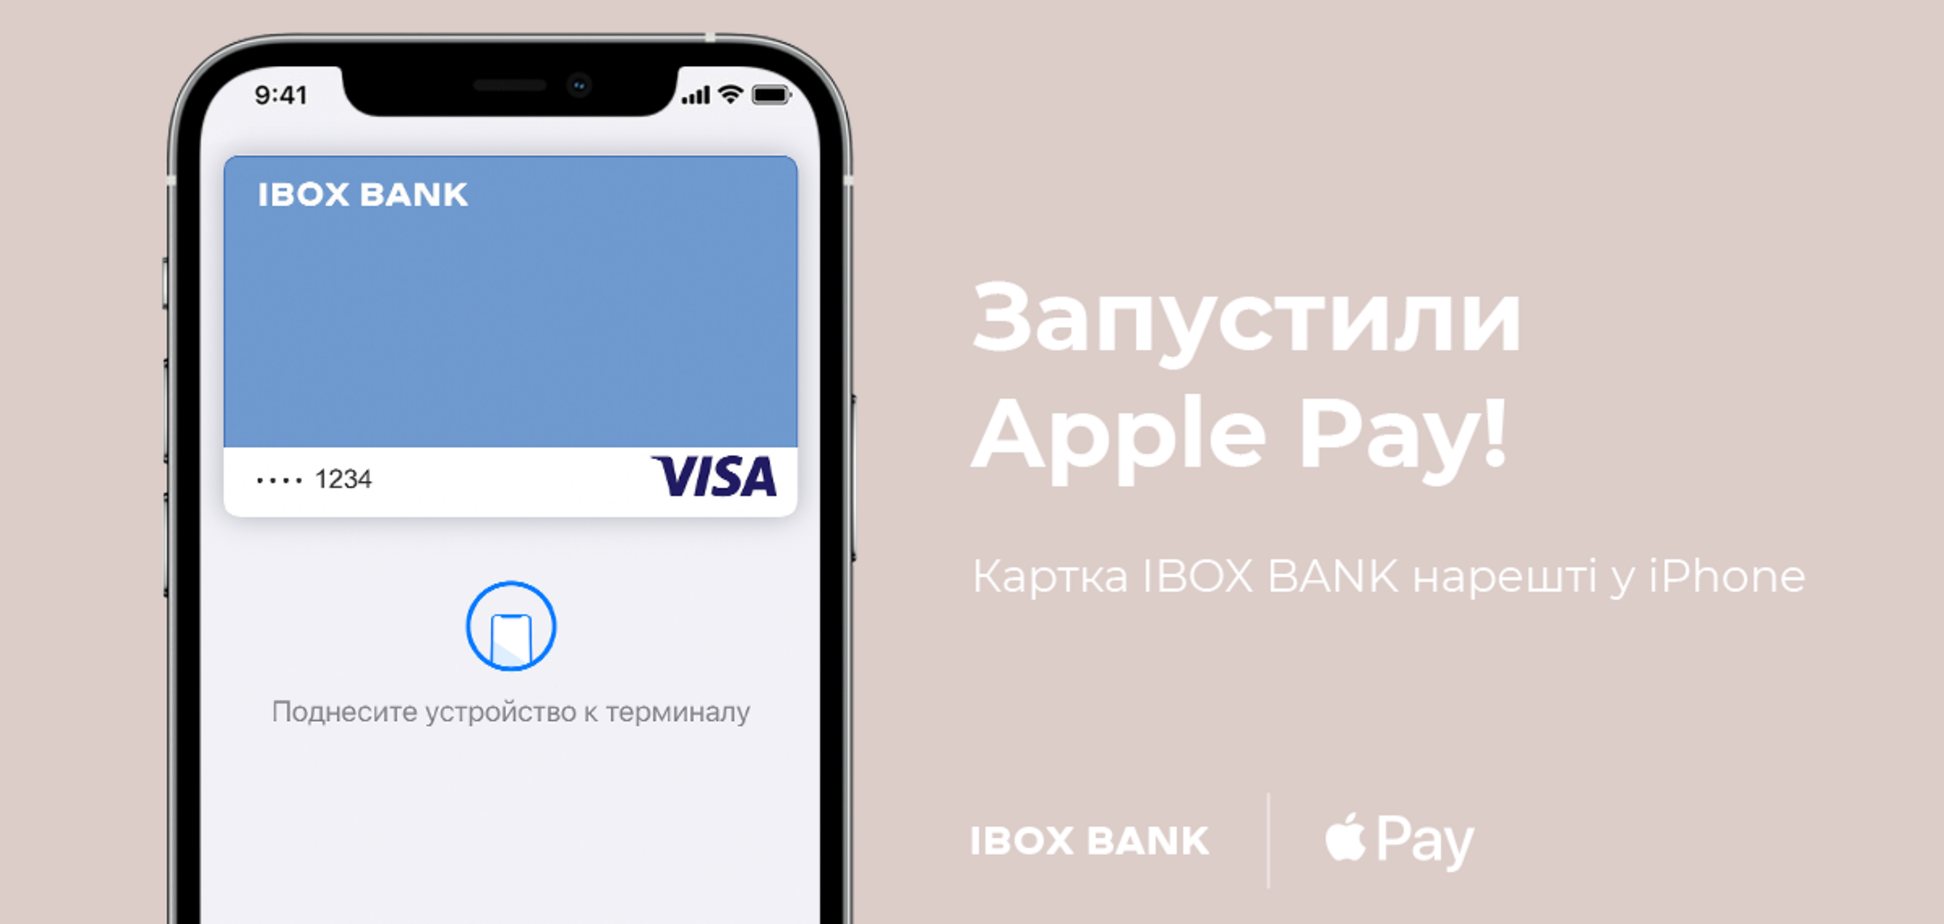 IBOX BANK запустил бесконтактные платежи с Apple Pay